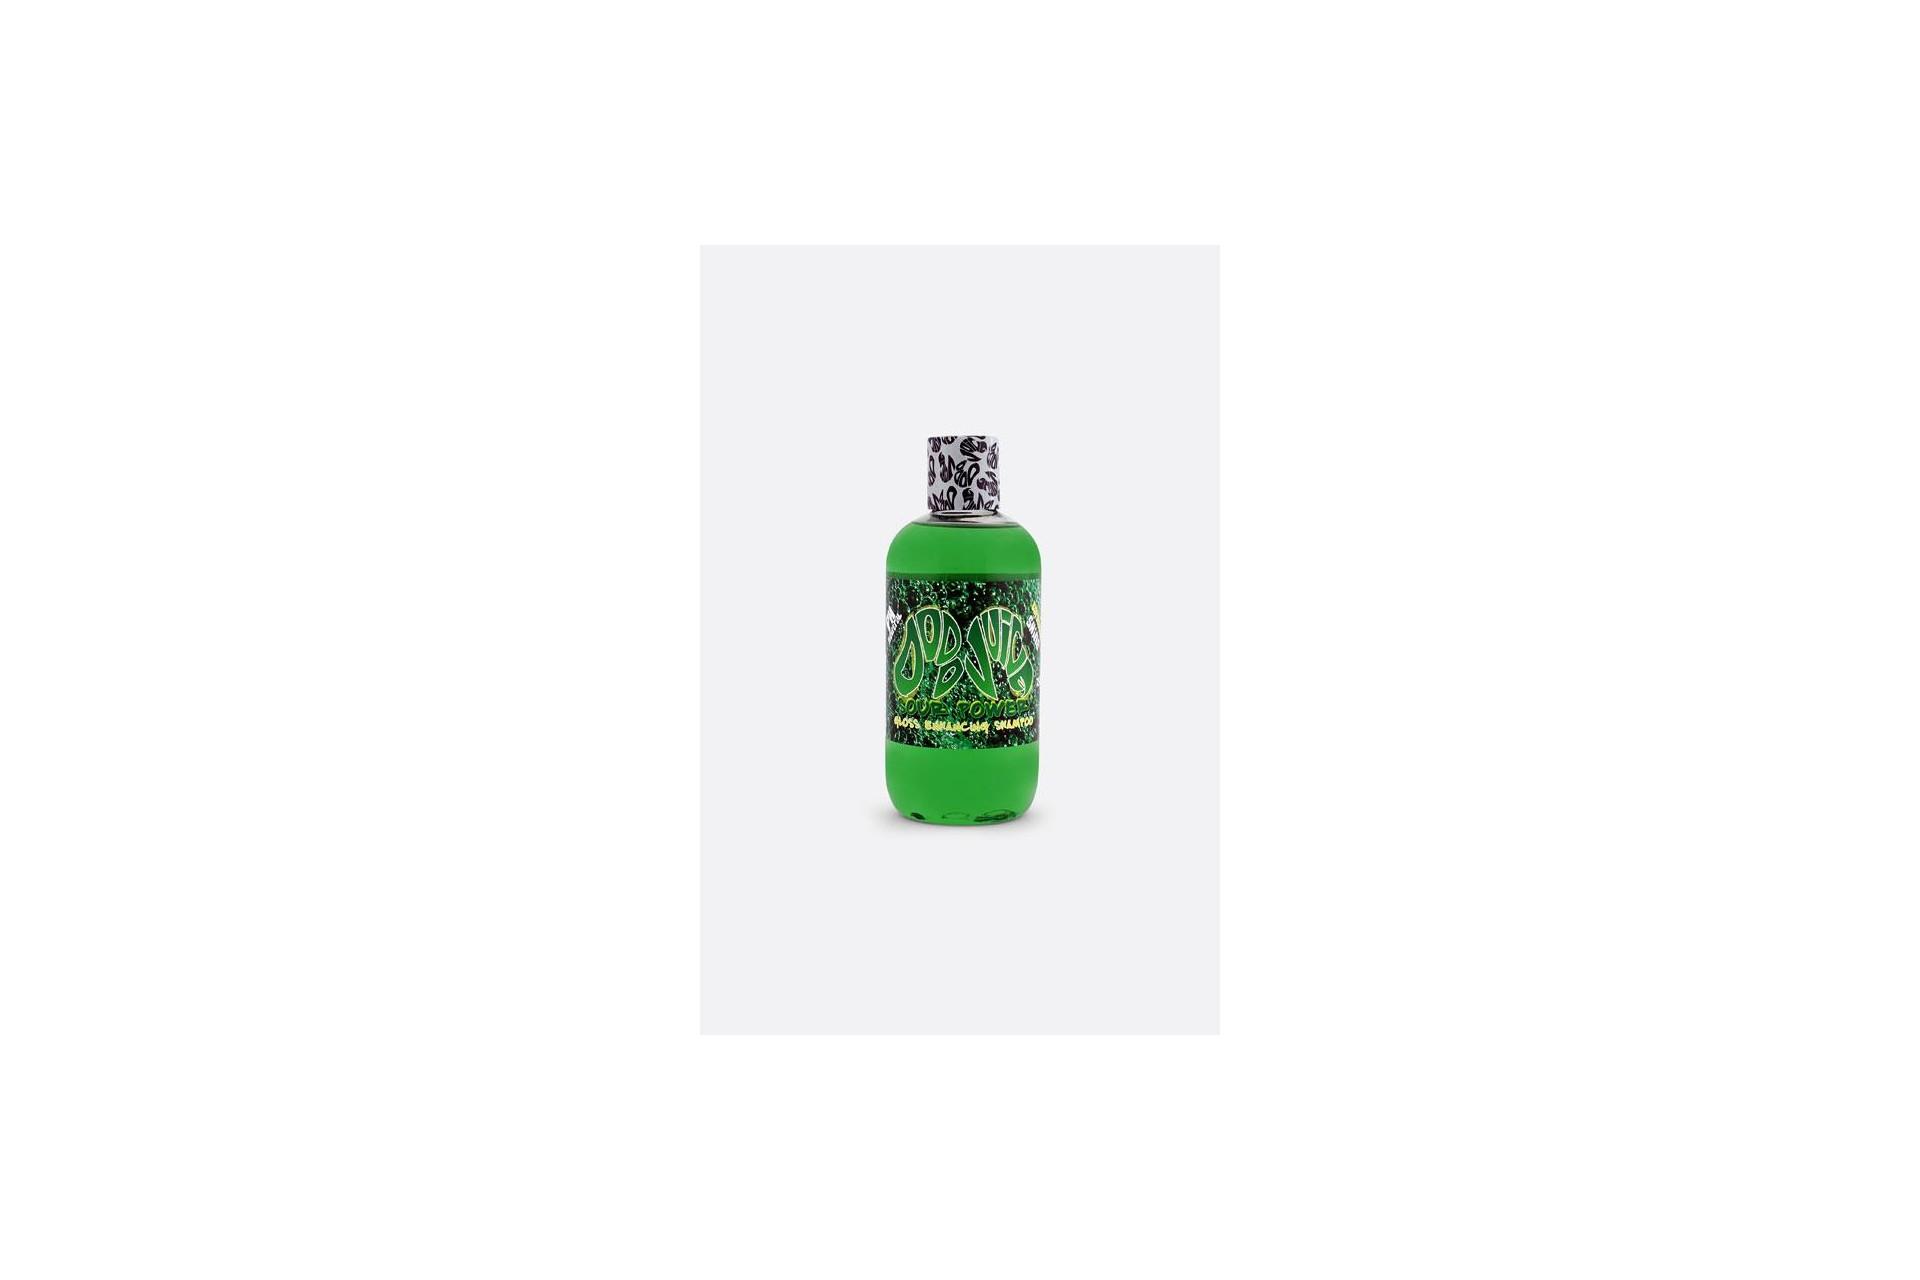 Shampoing Dodo Juice Sour Power enrichi à la cire de Carnauba, en bouteille de 250 ml